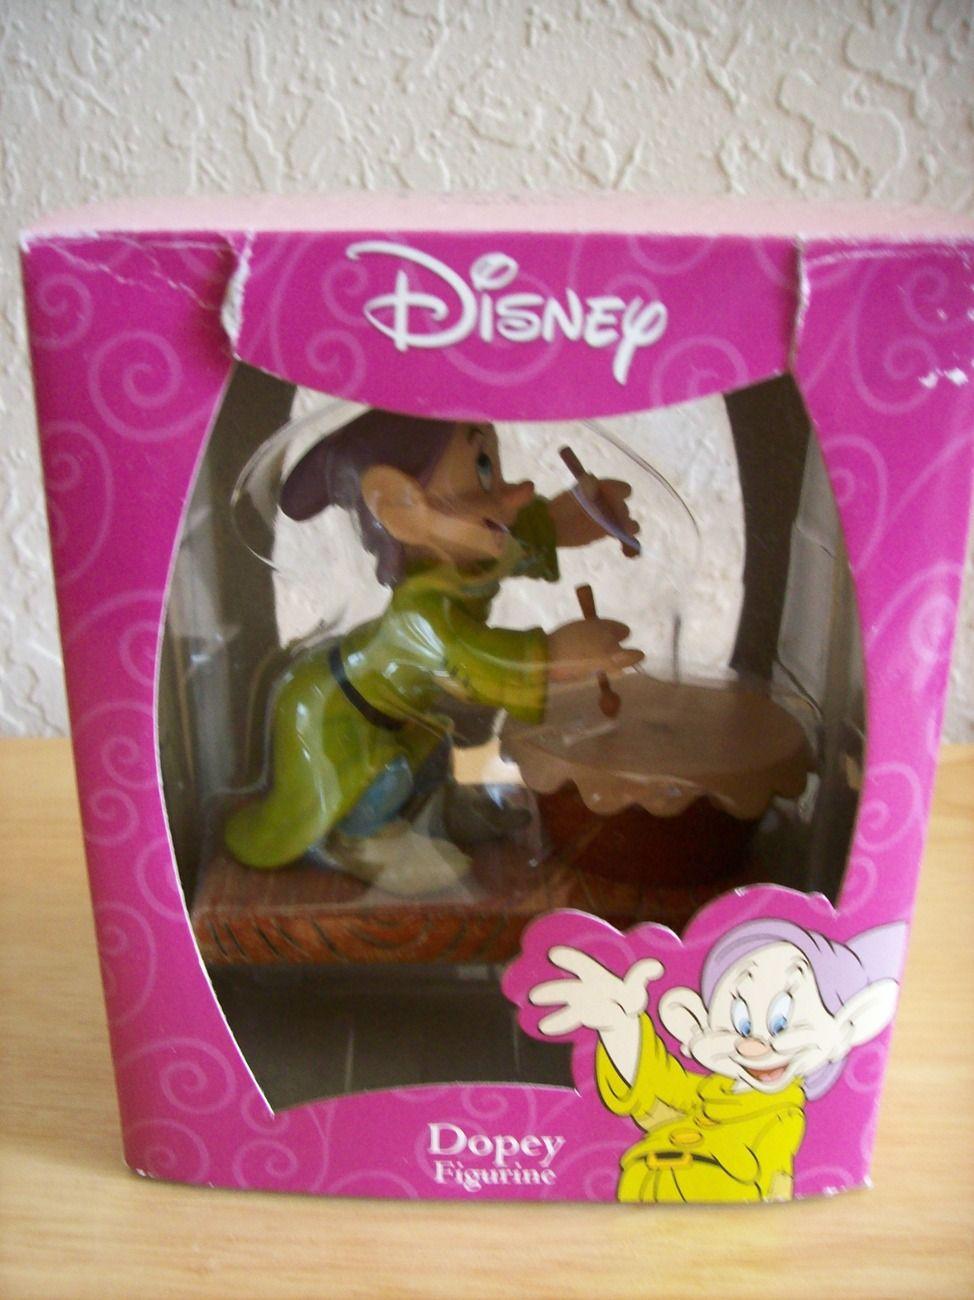 $18-Disney Princess Enesco/CVS Exclusive 65th Anniversary Dopey Figurine